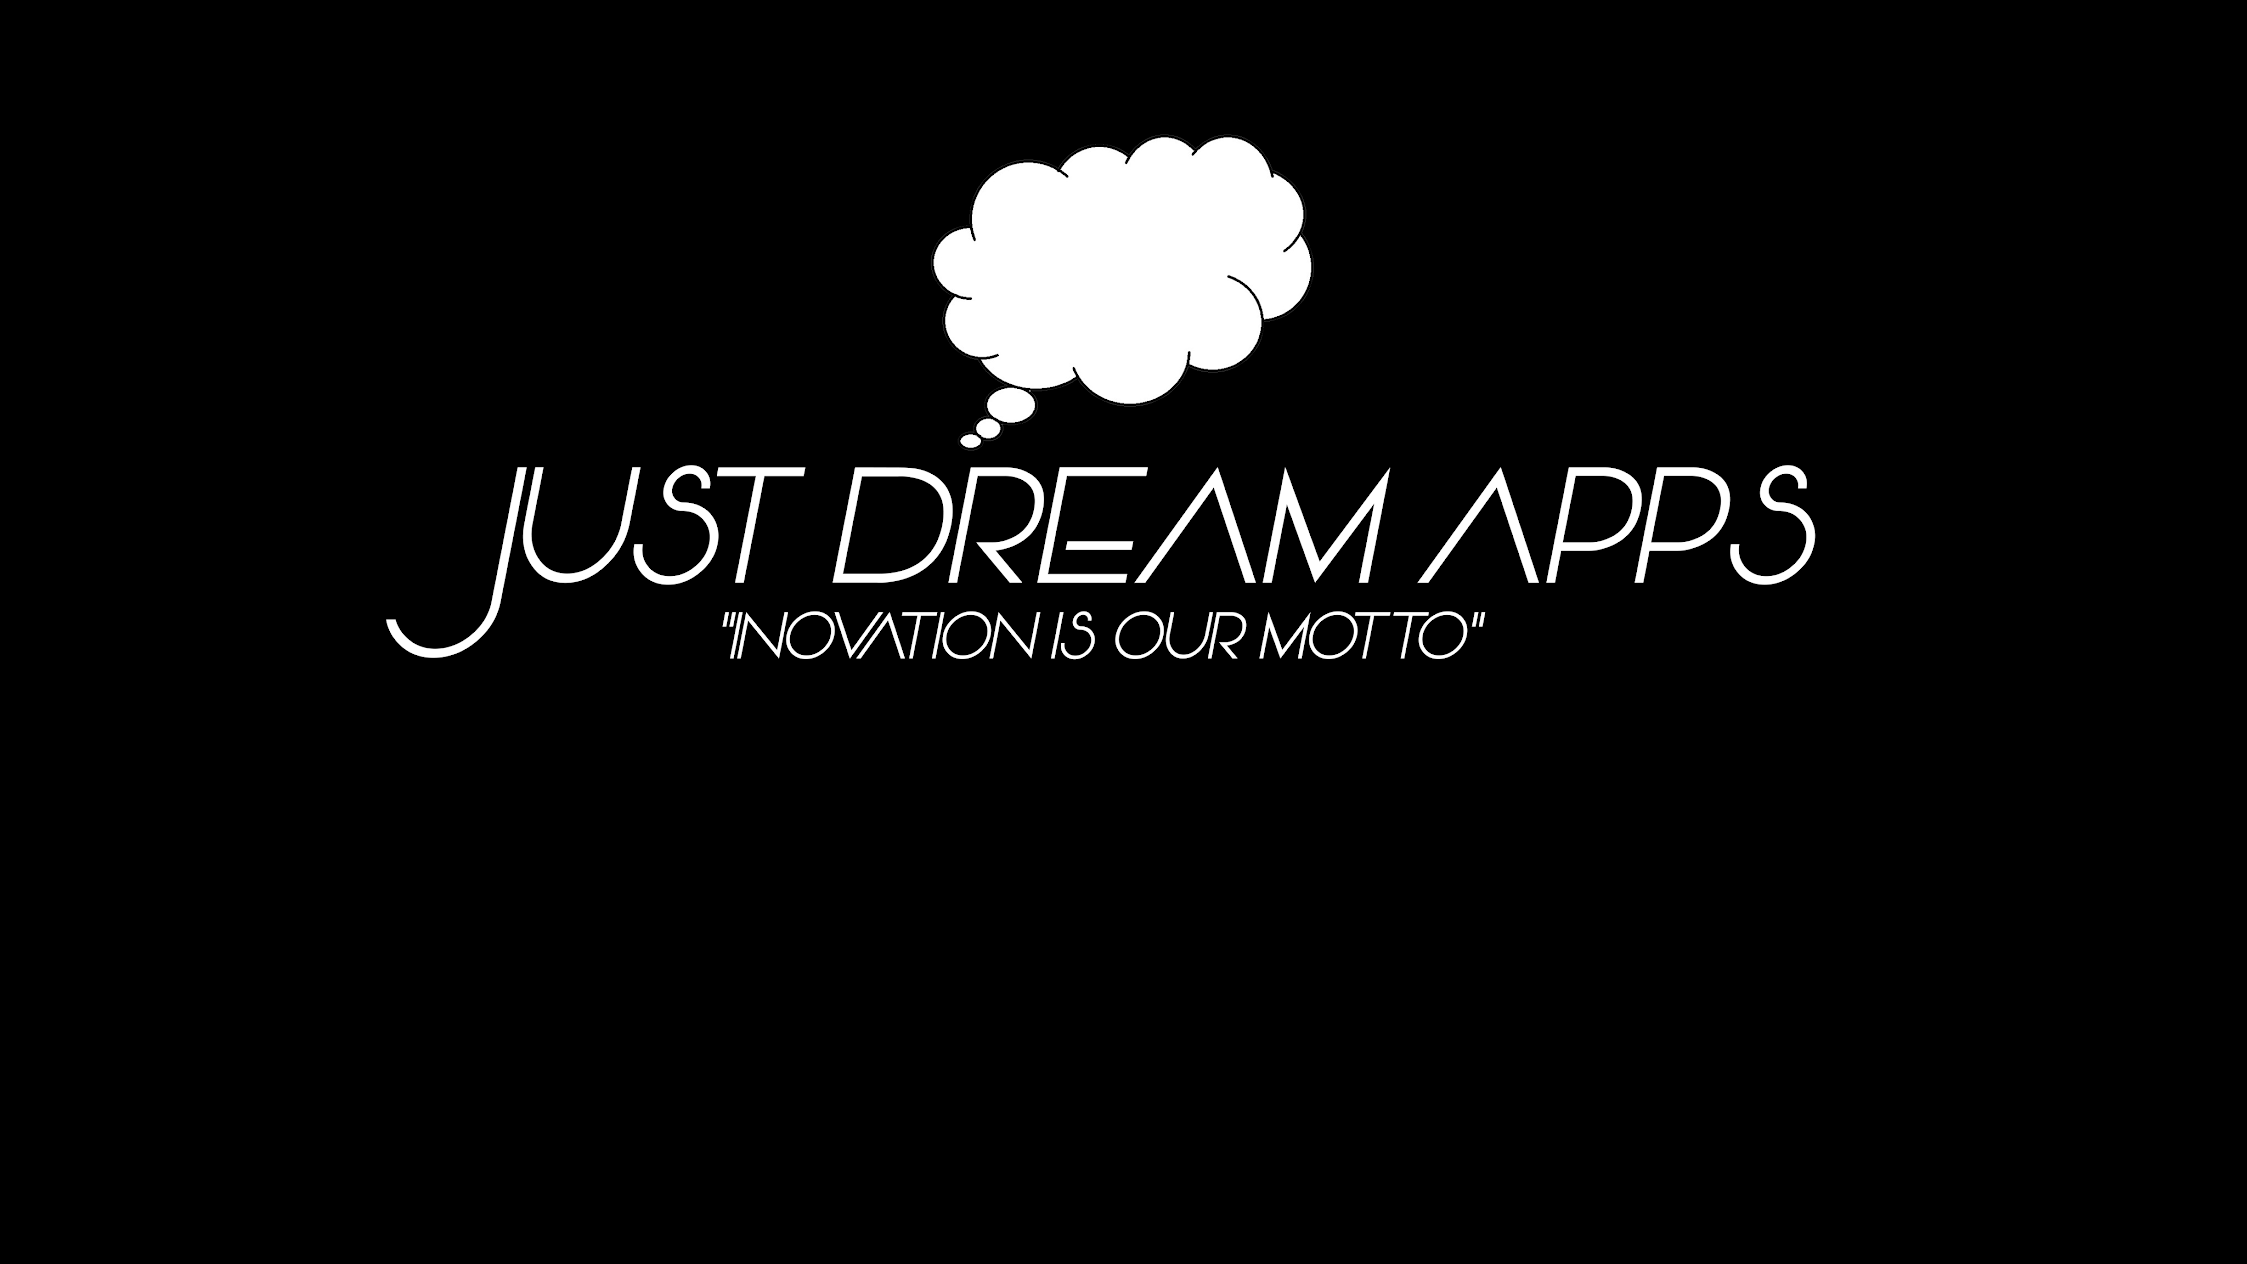 JustDreamApps